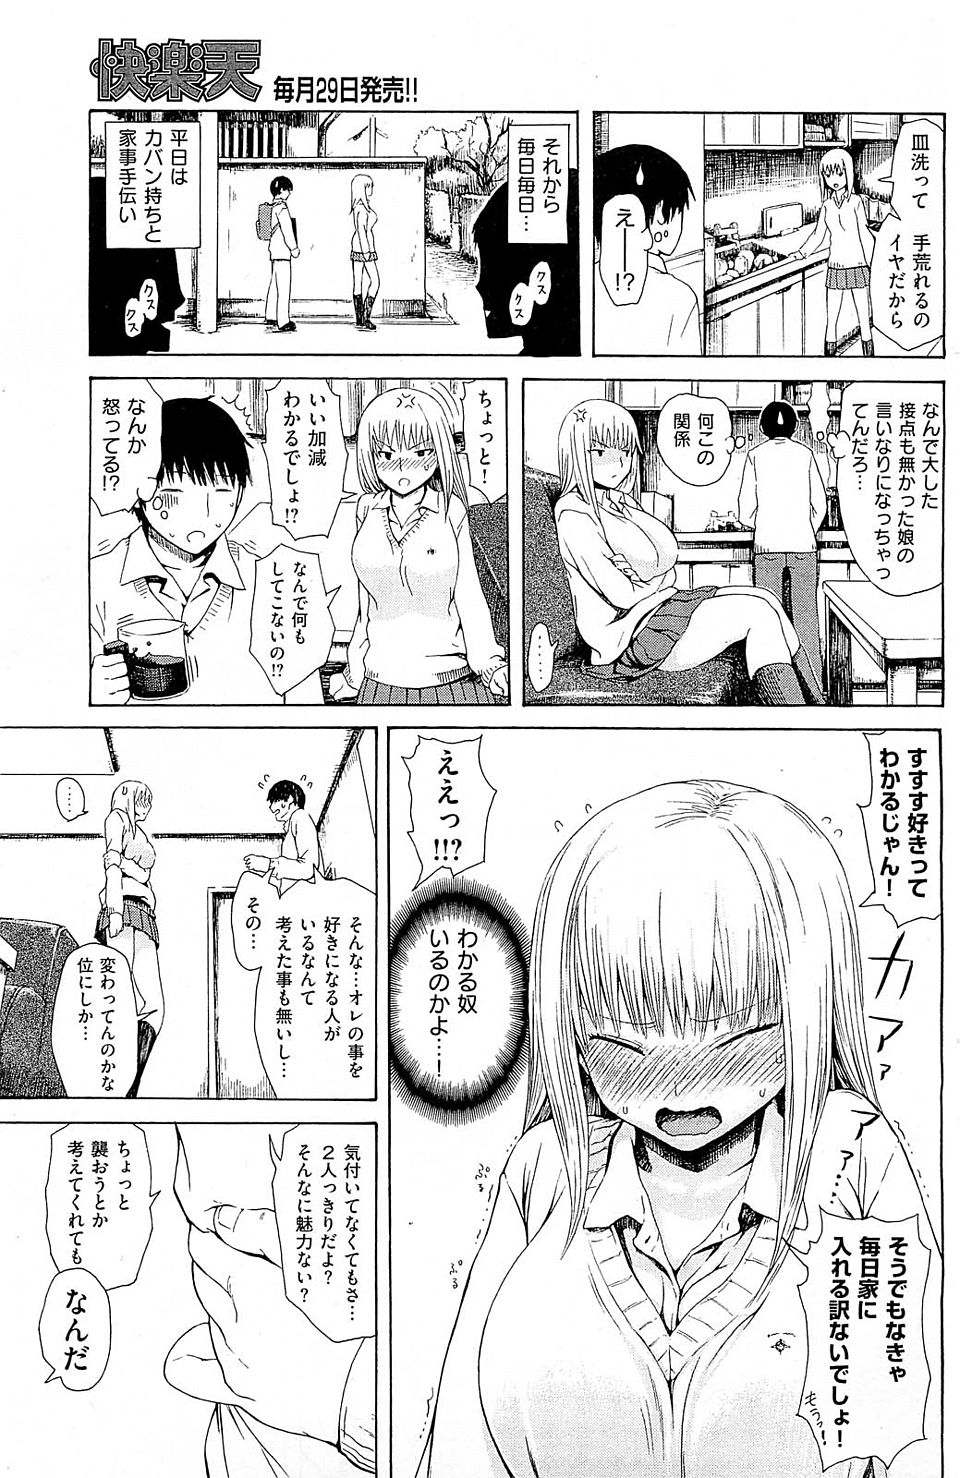 【エロ漫画・エロ同人】ツンデレの巨乳女子校生が家に入ったらデレ全開www (3)